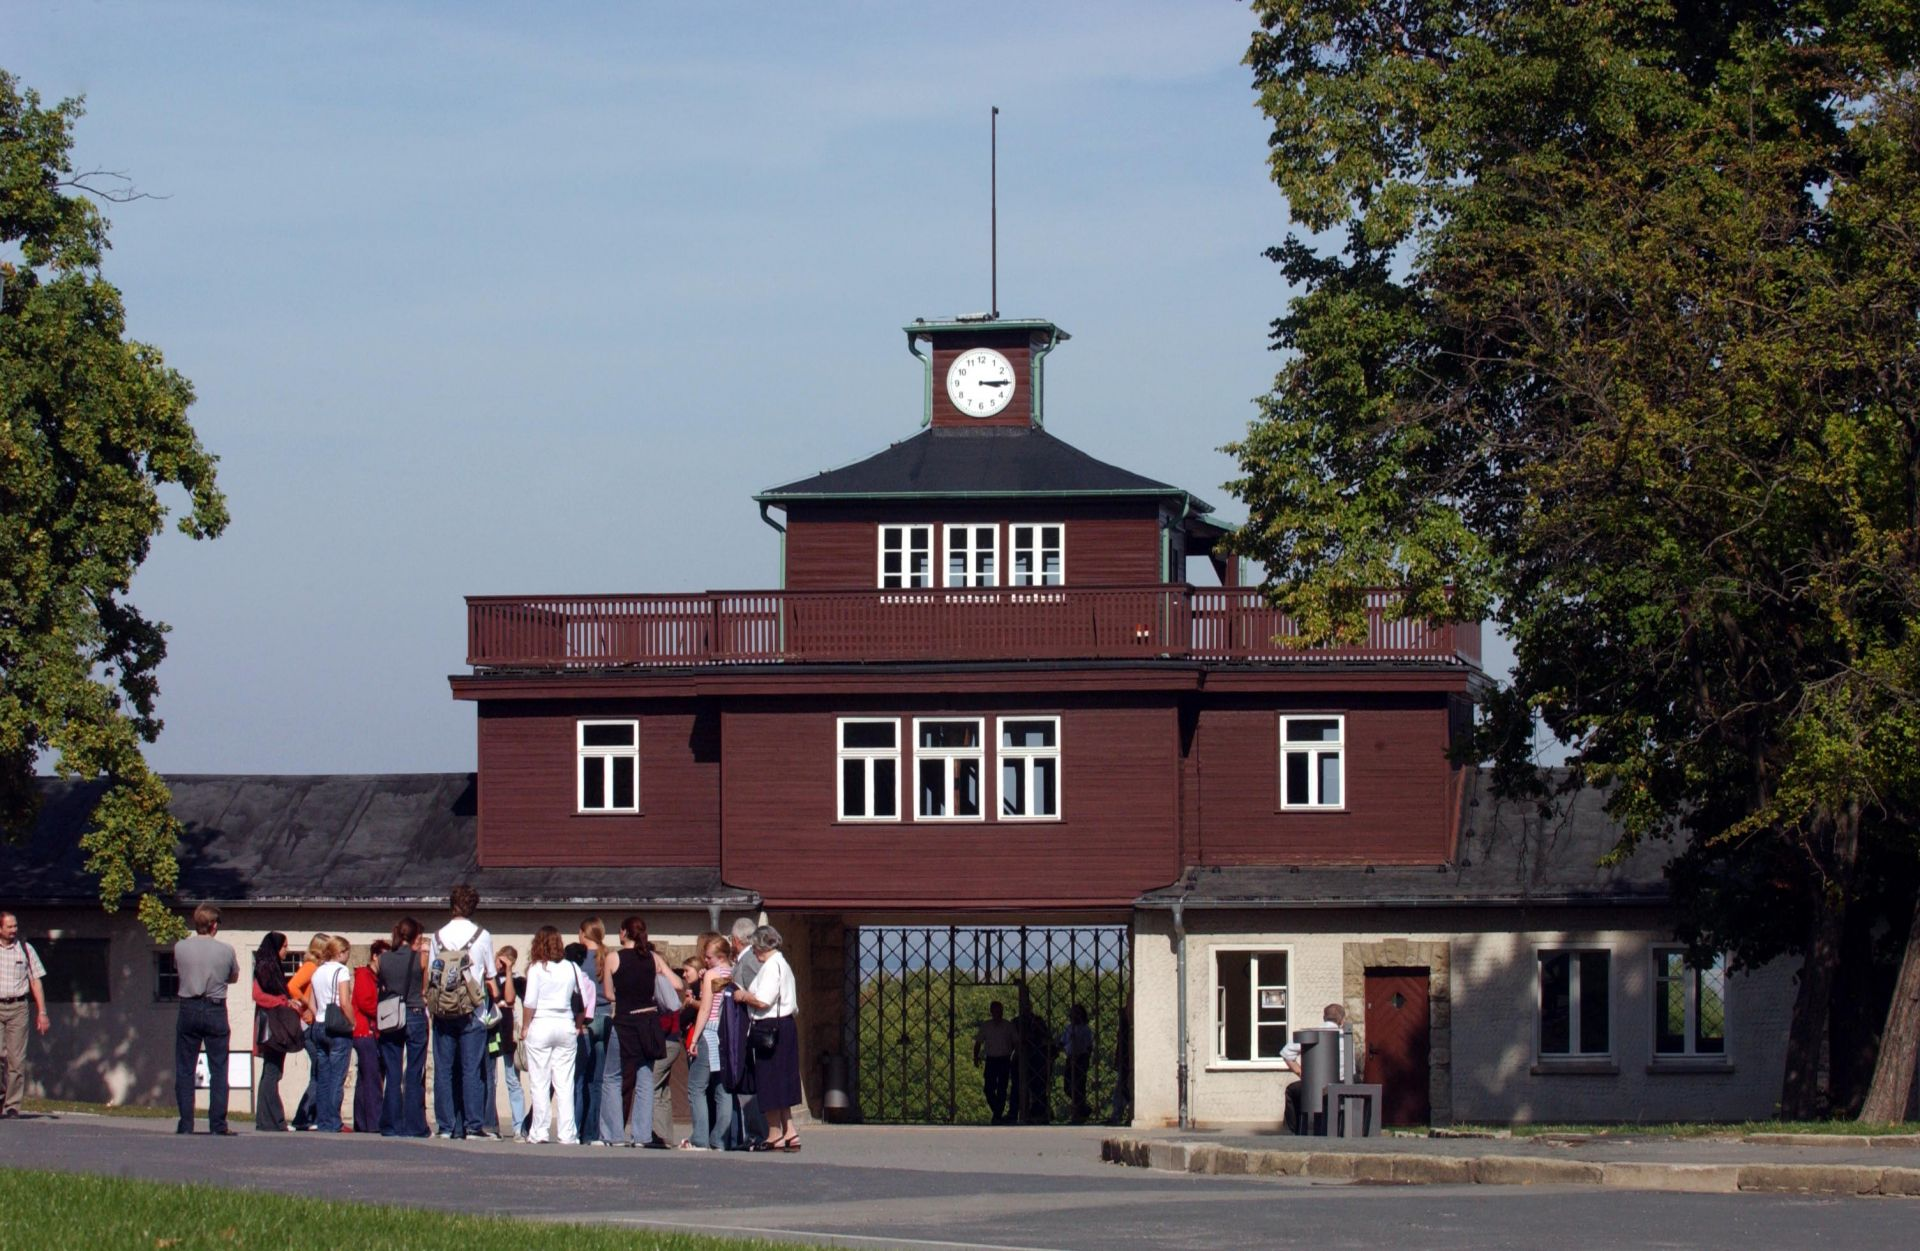 Gedenkstätte Buchenwald Haupteingang